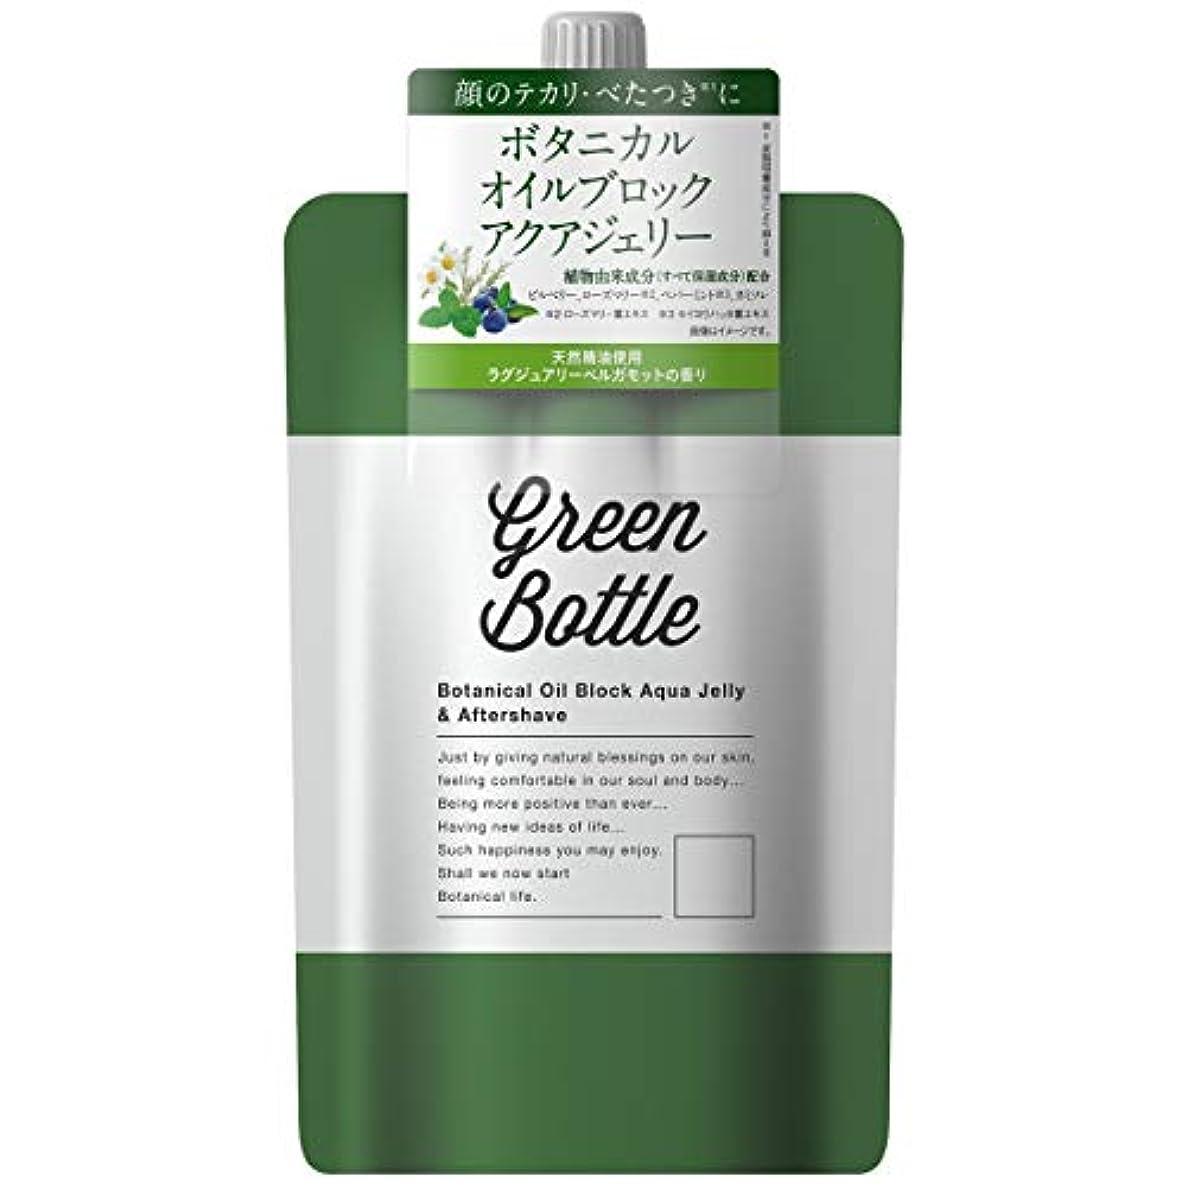 スクワイア経済的いうグリーンボトルボタニカル グリーンボトル ボタニカルオイルブロックアクアジェリー 化粧水 ラグジュアリーベルガモットの香り 150g